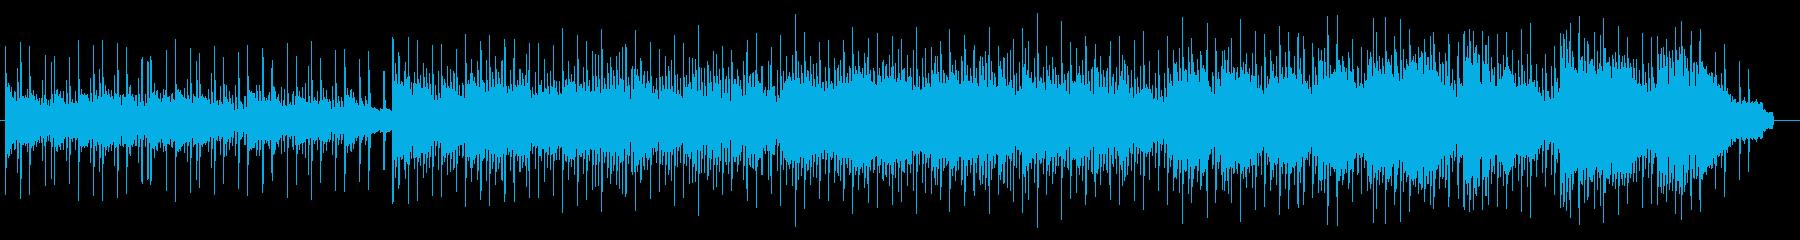 FM音源を使ったほんわかバラードの再生済みの波形